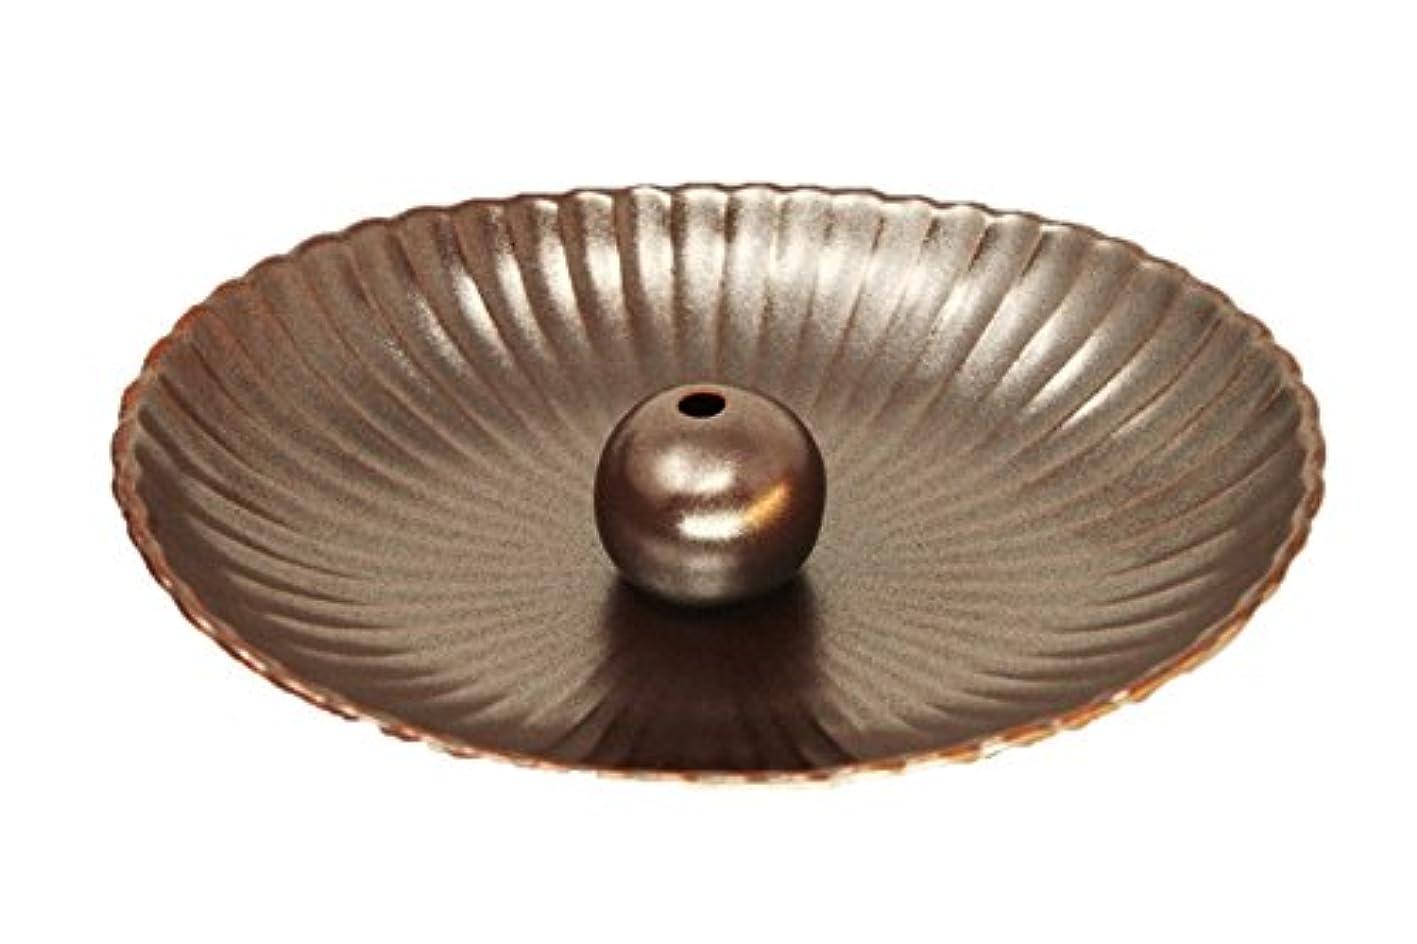 め言葉東部確認鉄器色 楕円皿 日本製 製造?直売 お香立て お香たて 陶器 少し深めな香皿